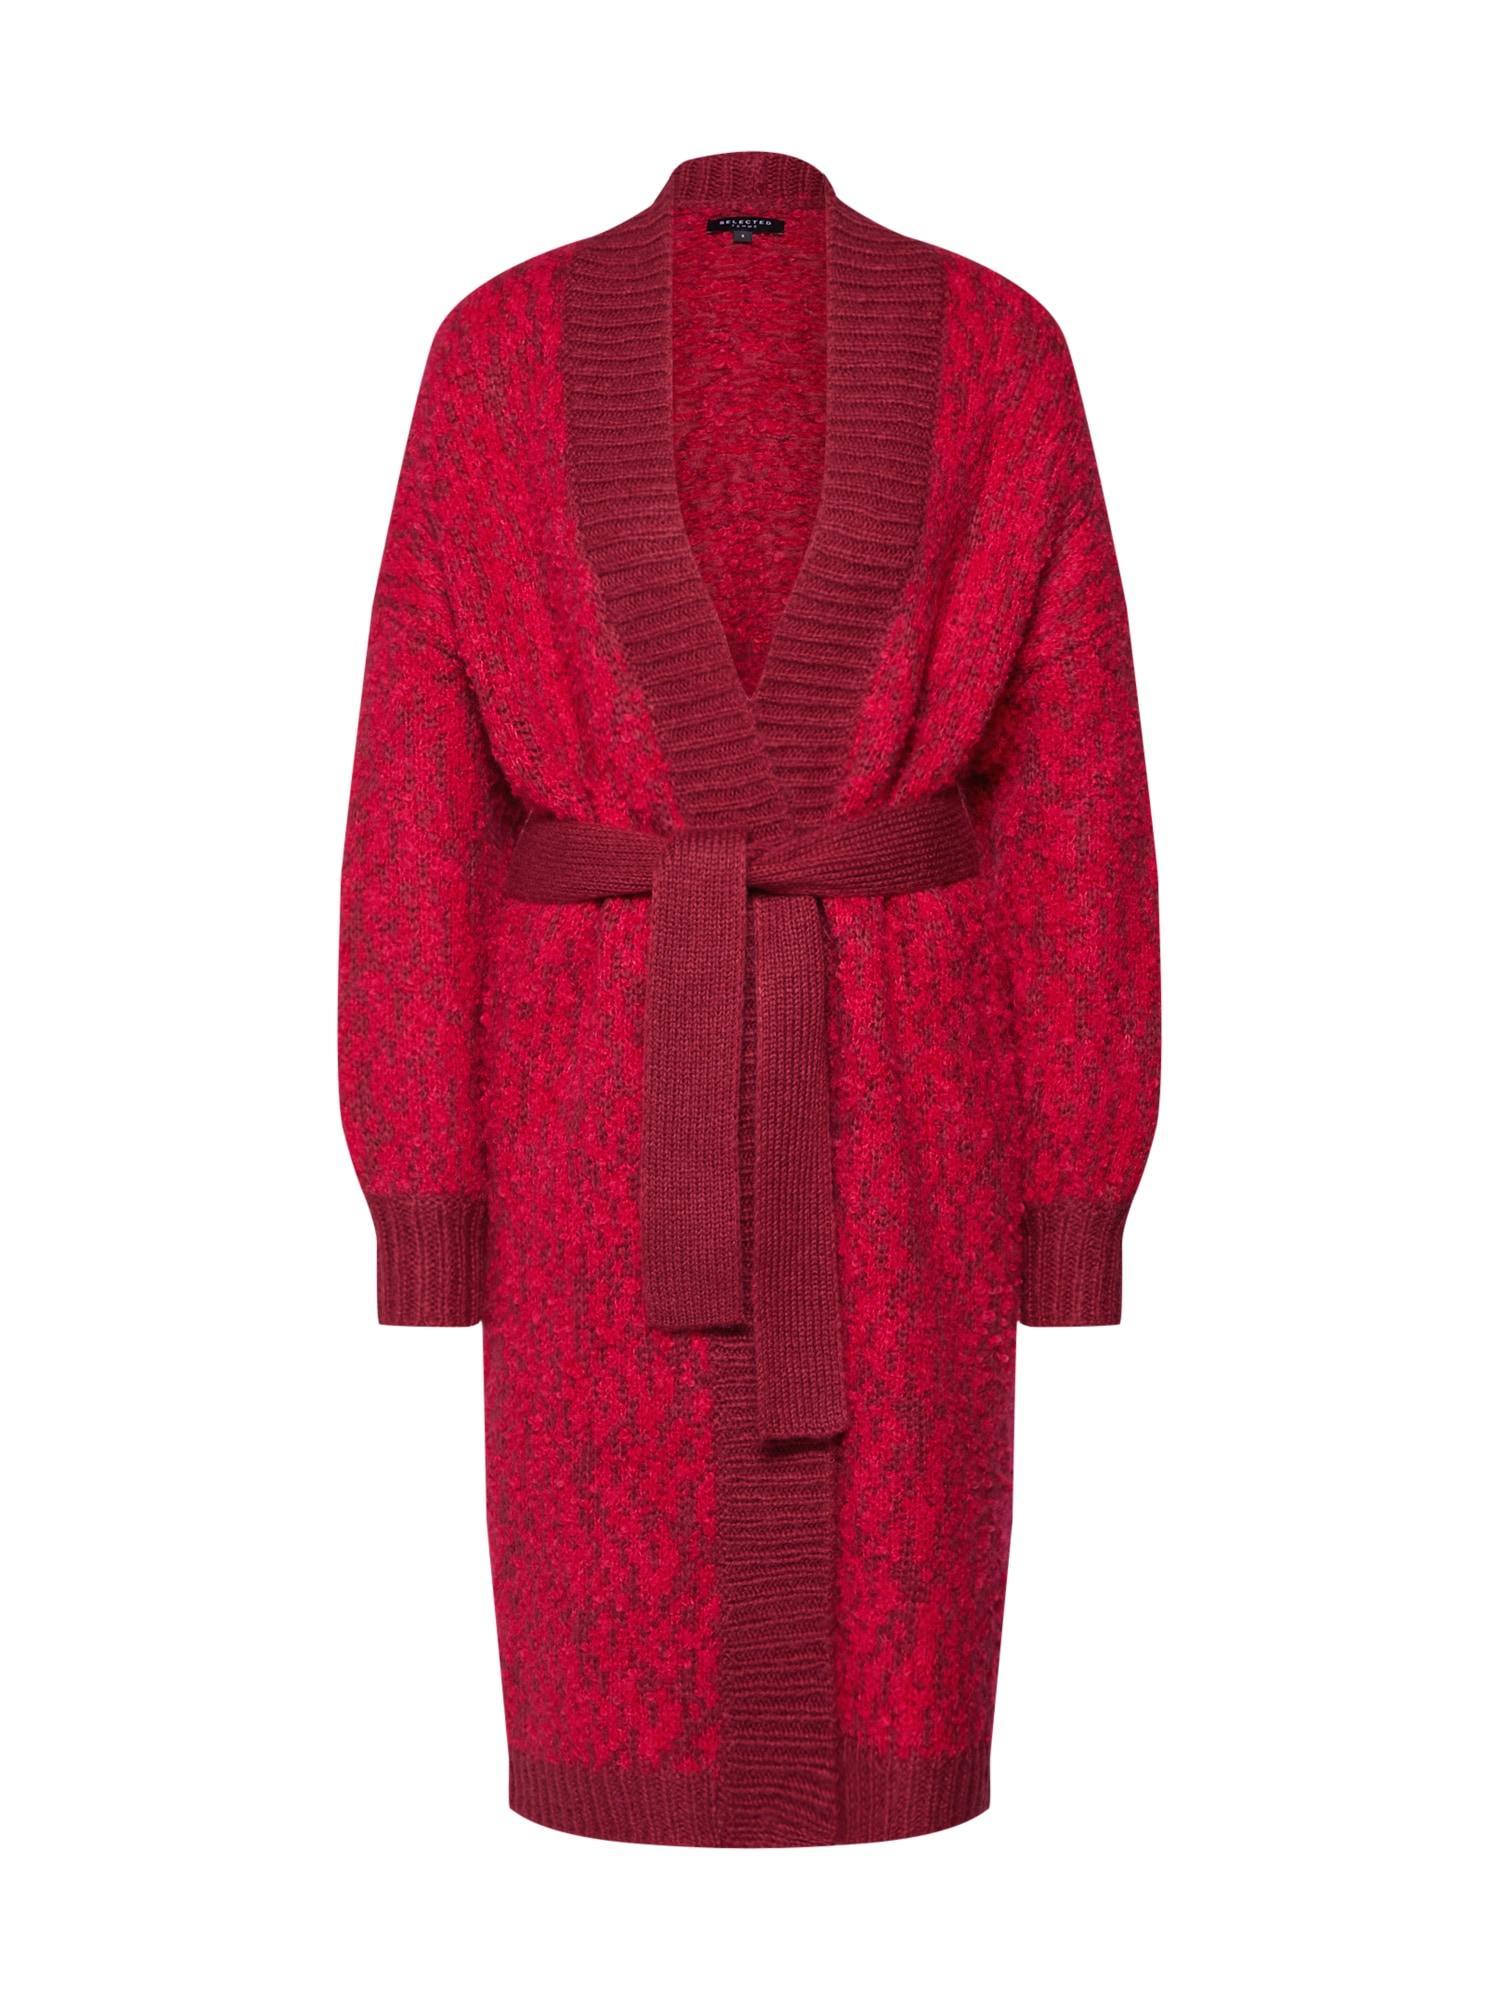 Pletený kabátek SLFGABA LS KNIT CARDIGAN pitaya červená třešeň SELECTED FEMME